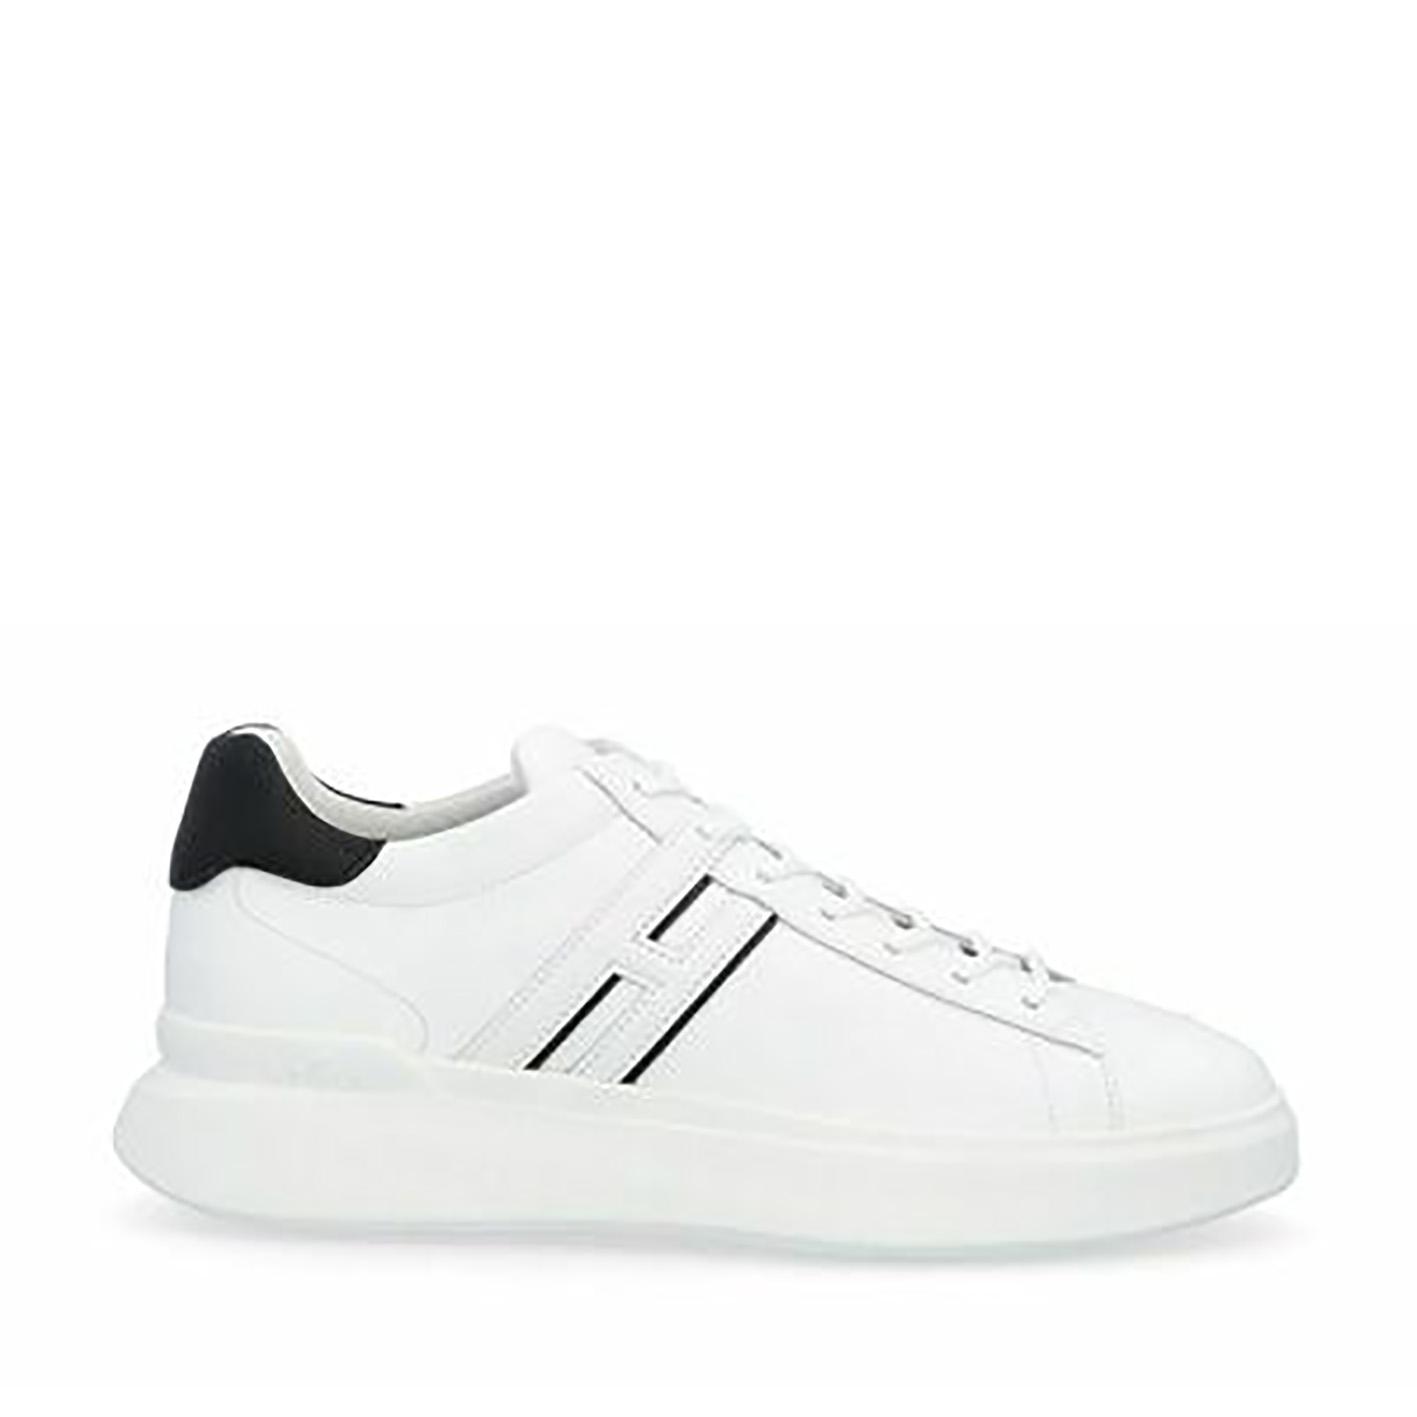 Sneakers Hogan H580 Bianco HXM5800DV42QHH0001 -A.1